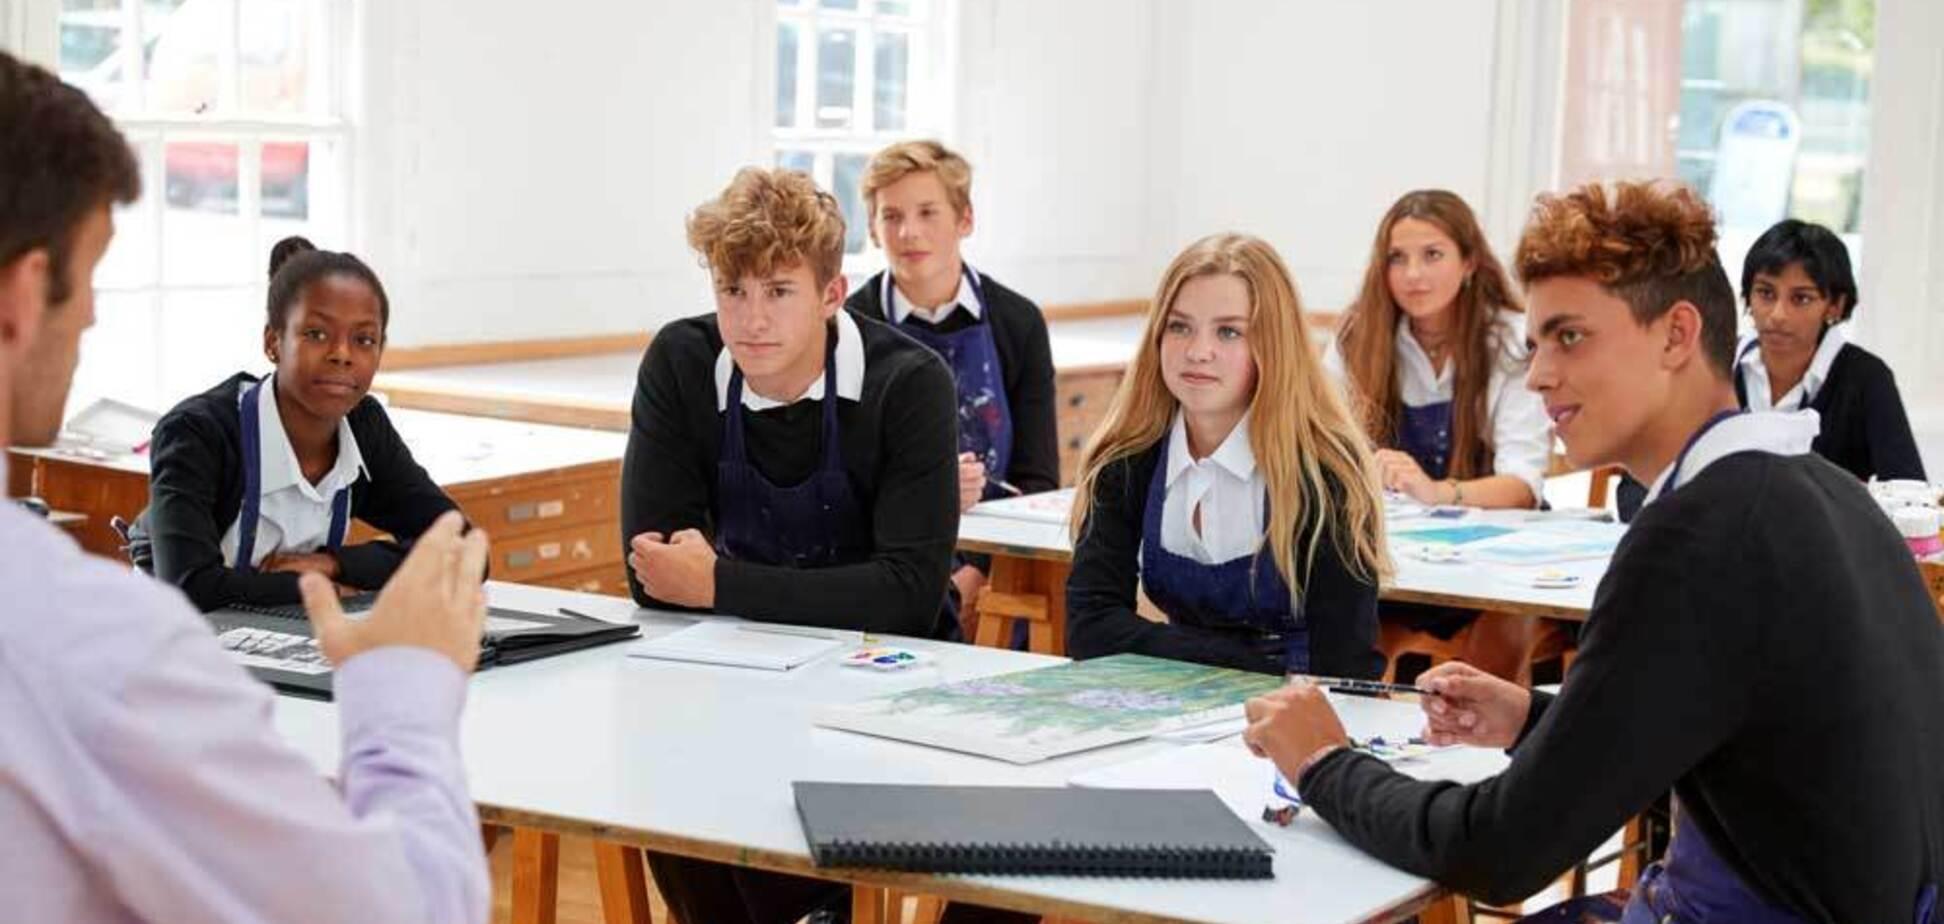 Важливі навички зі школи в світі бізнесу